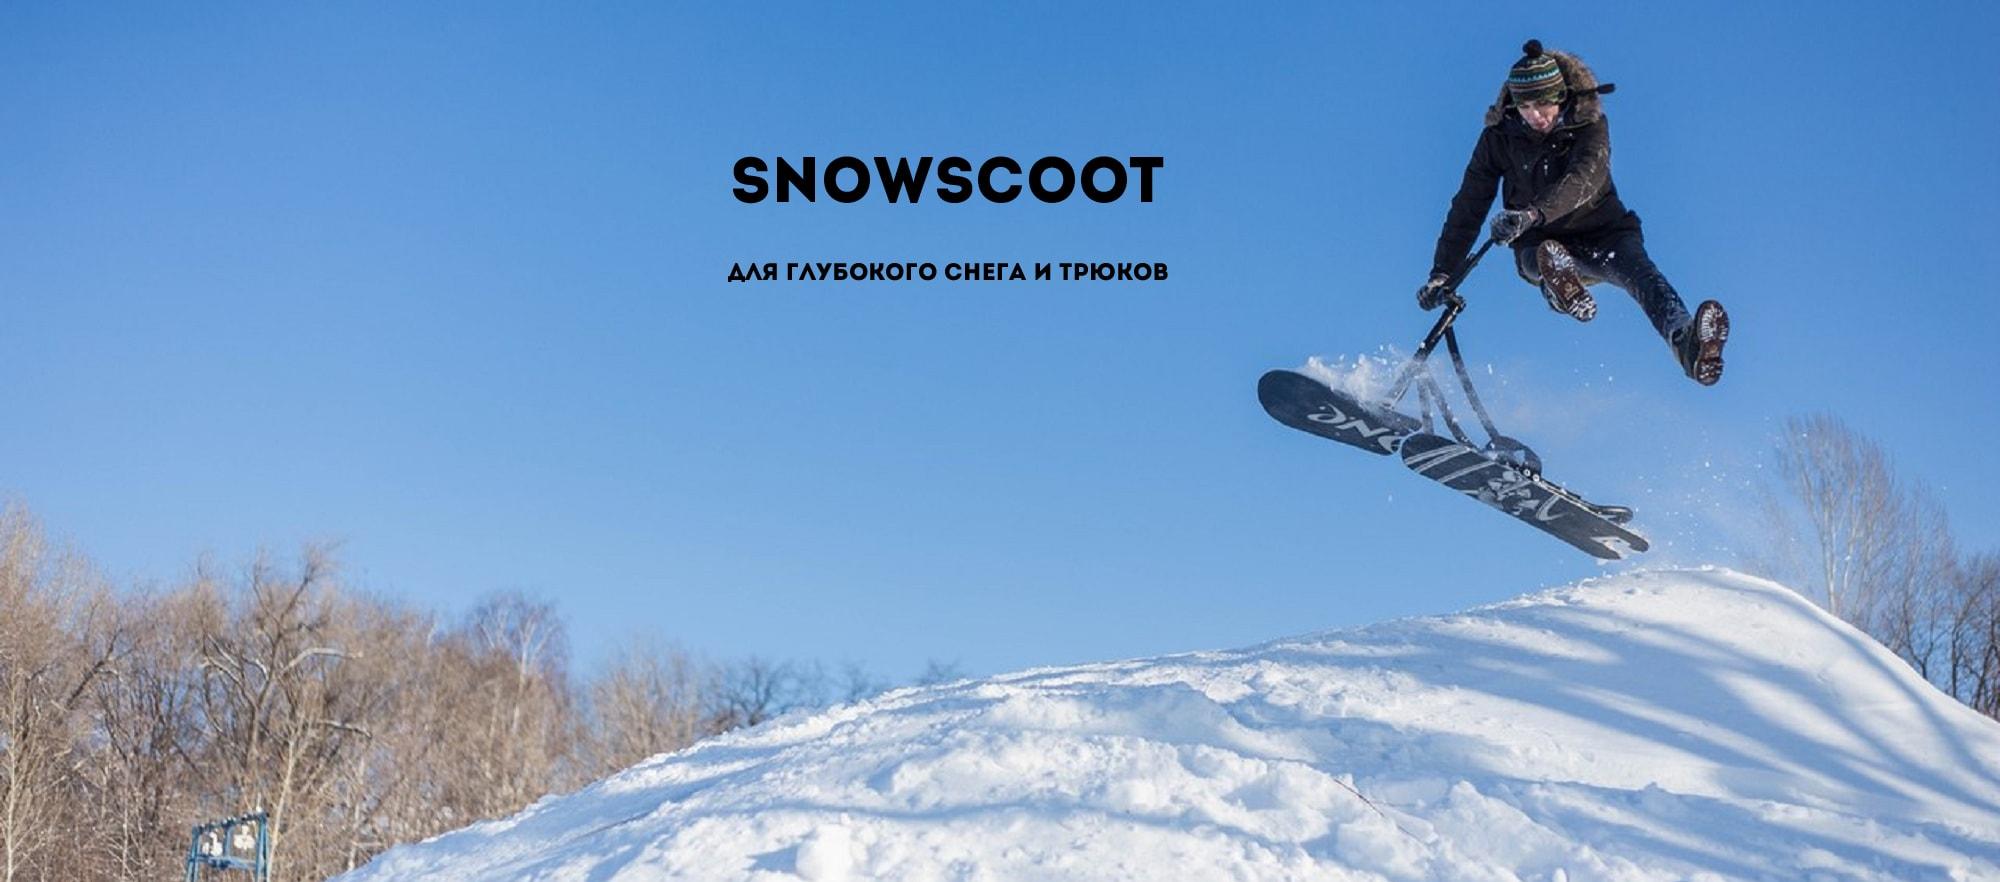 Snowscoot_1